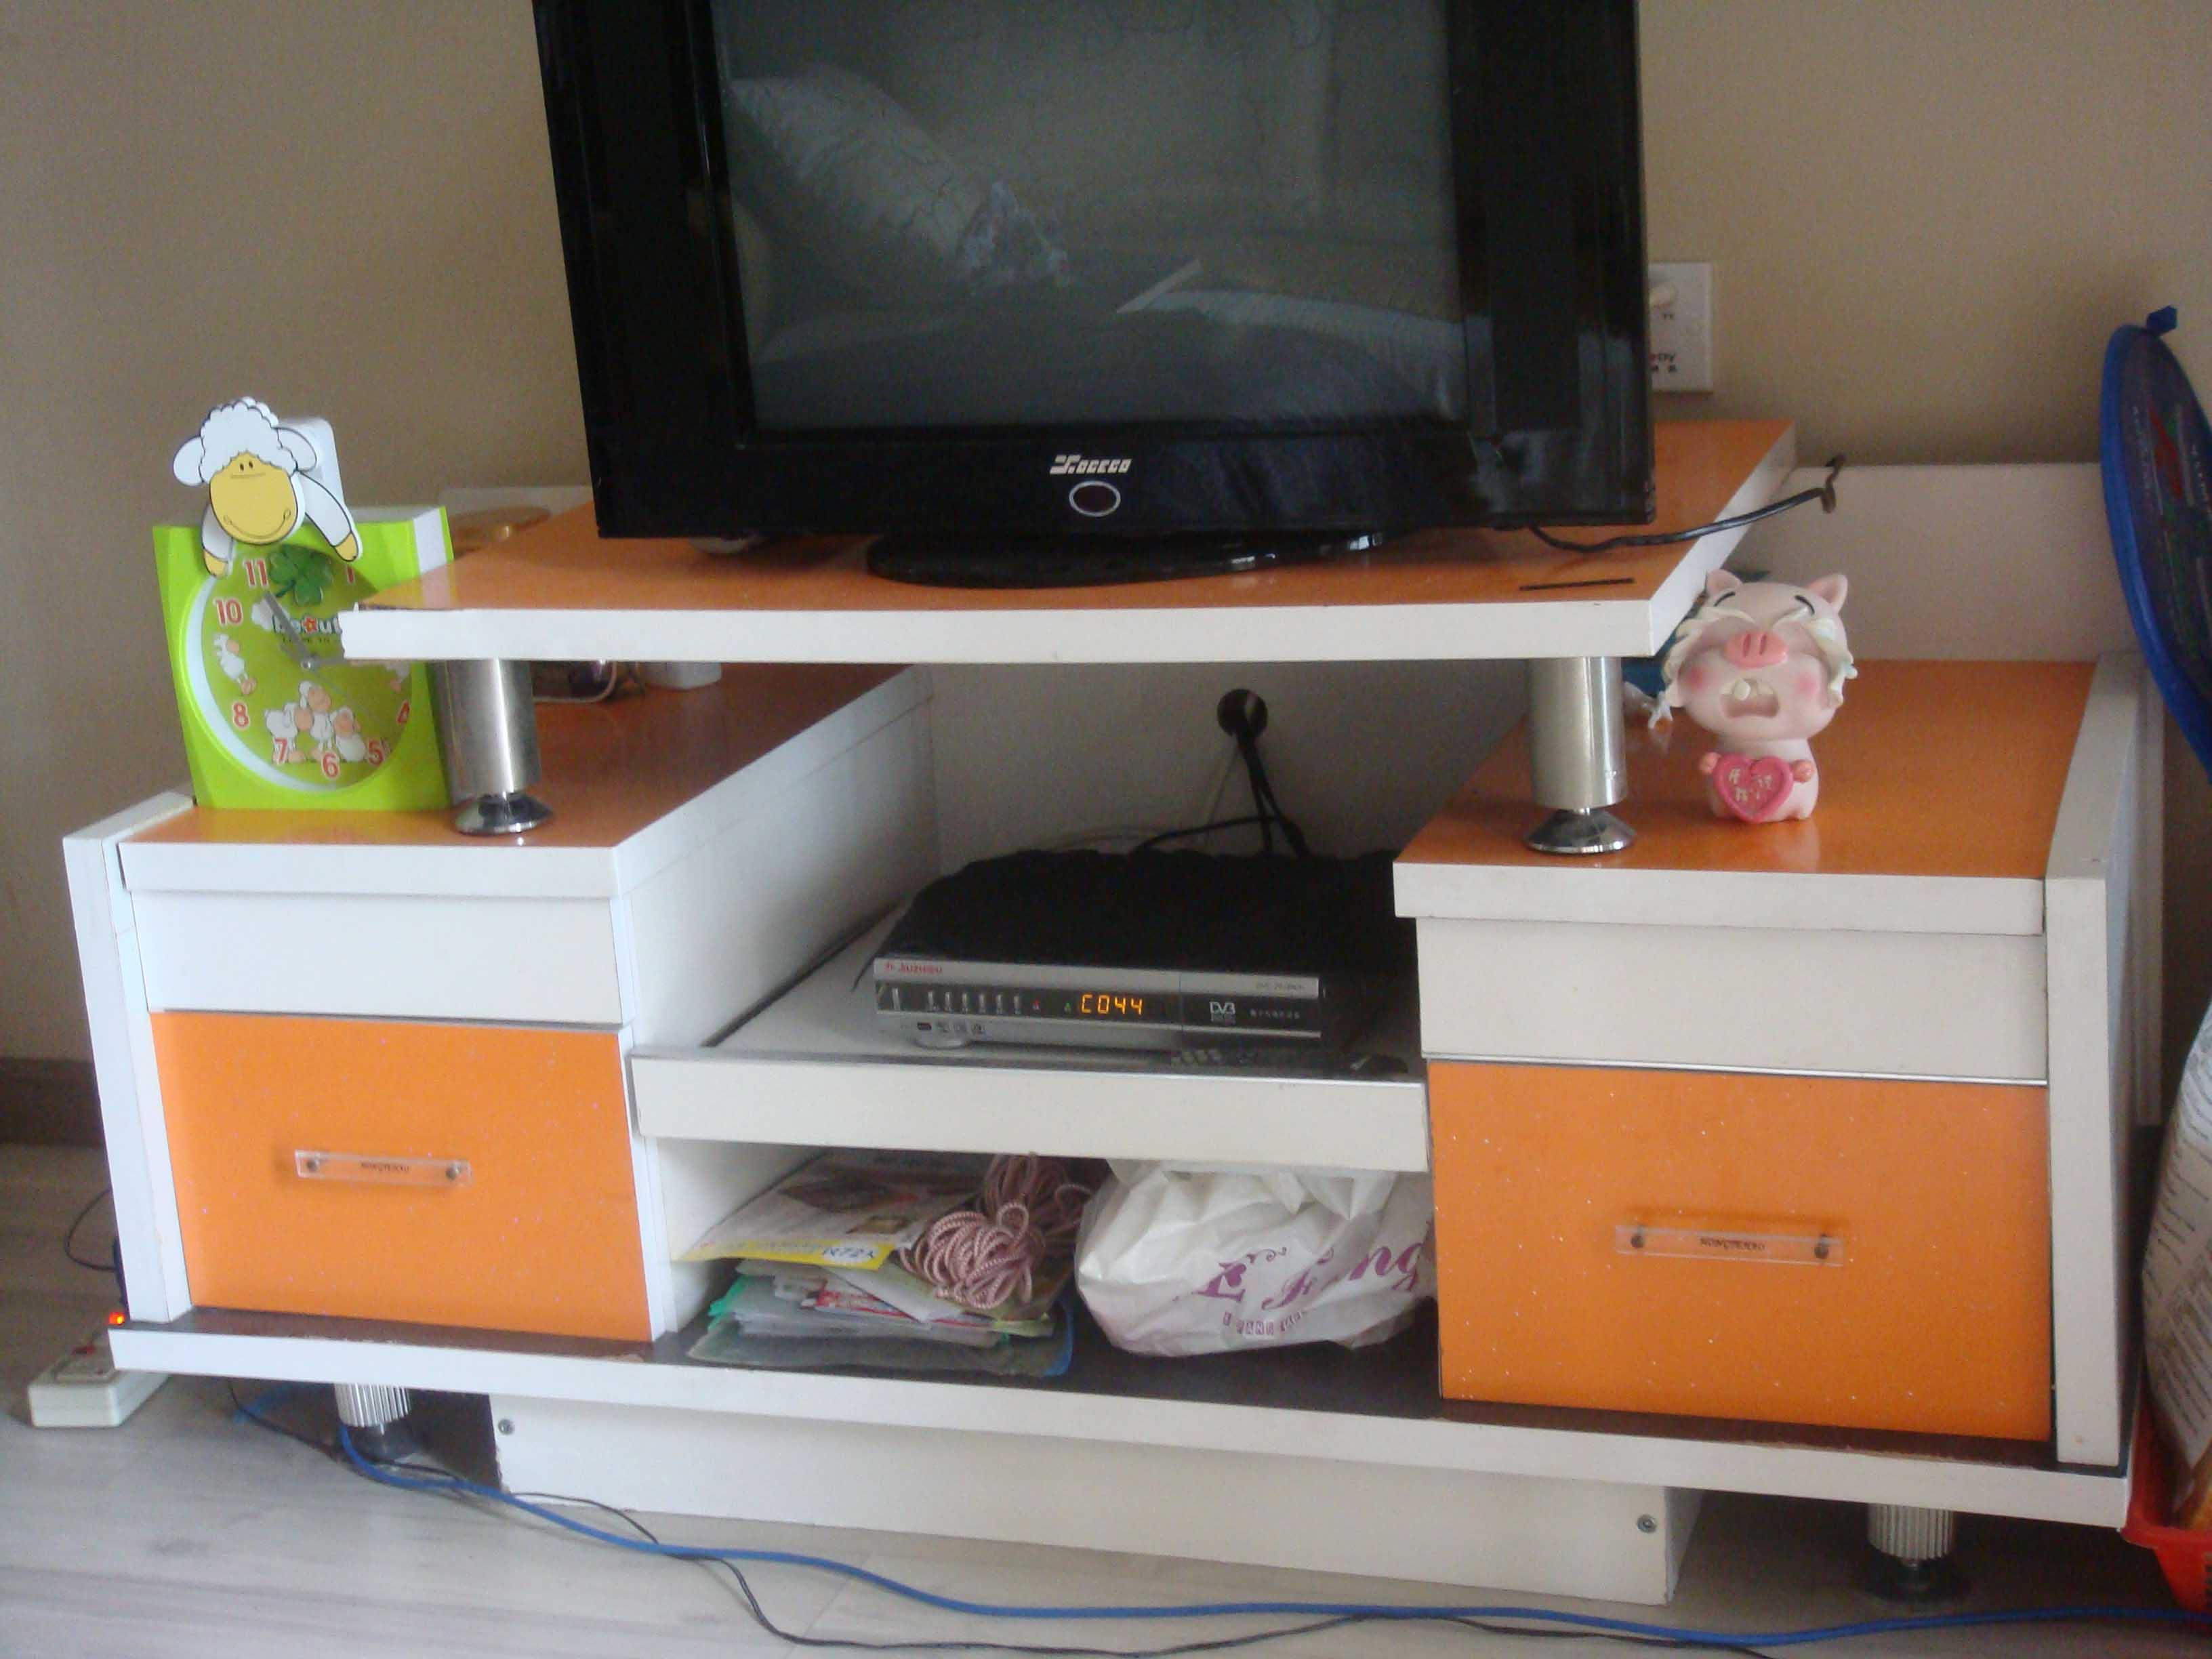 电脑桌,电视机柜